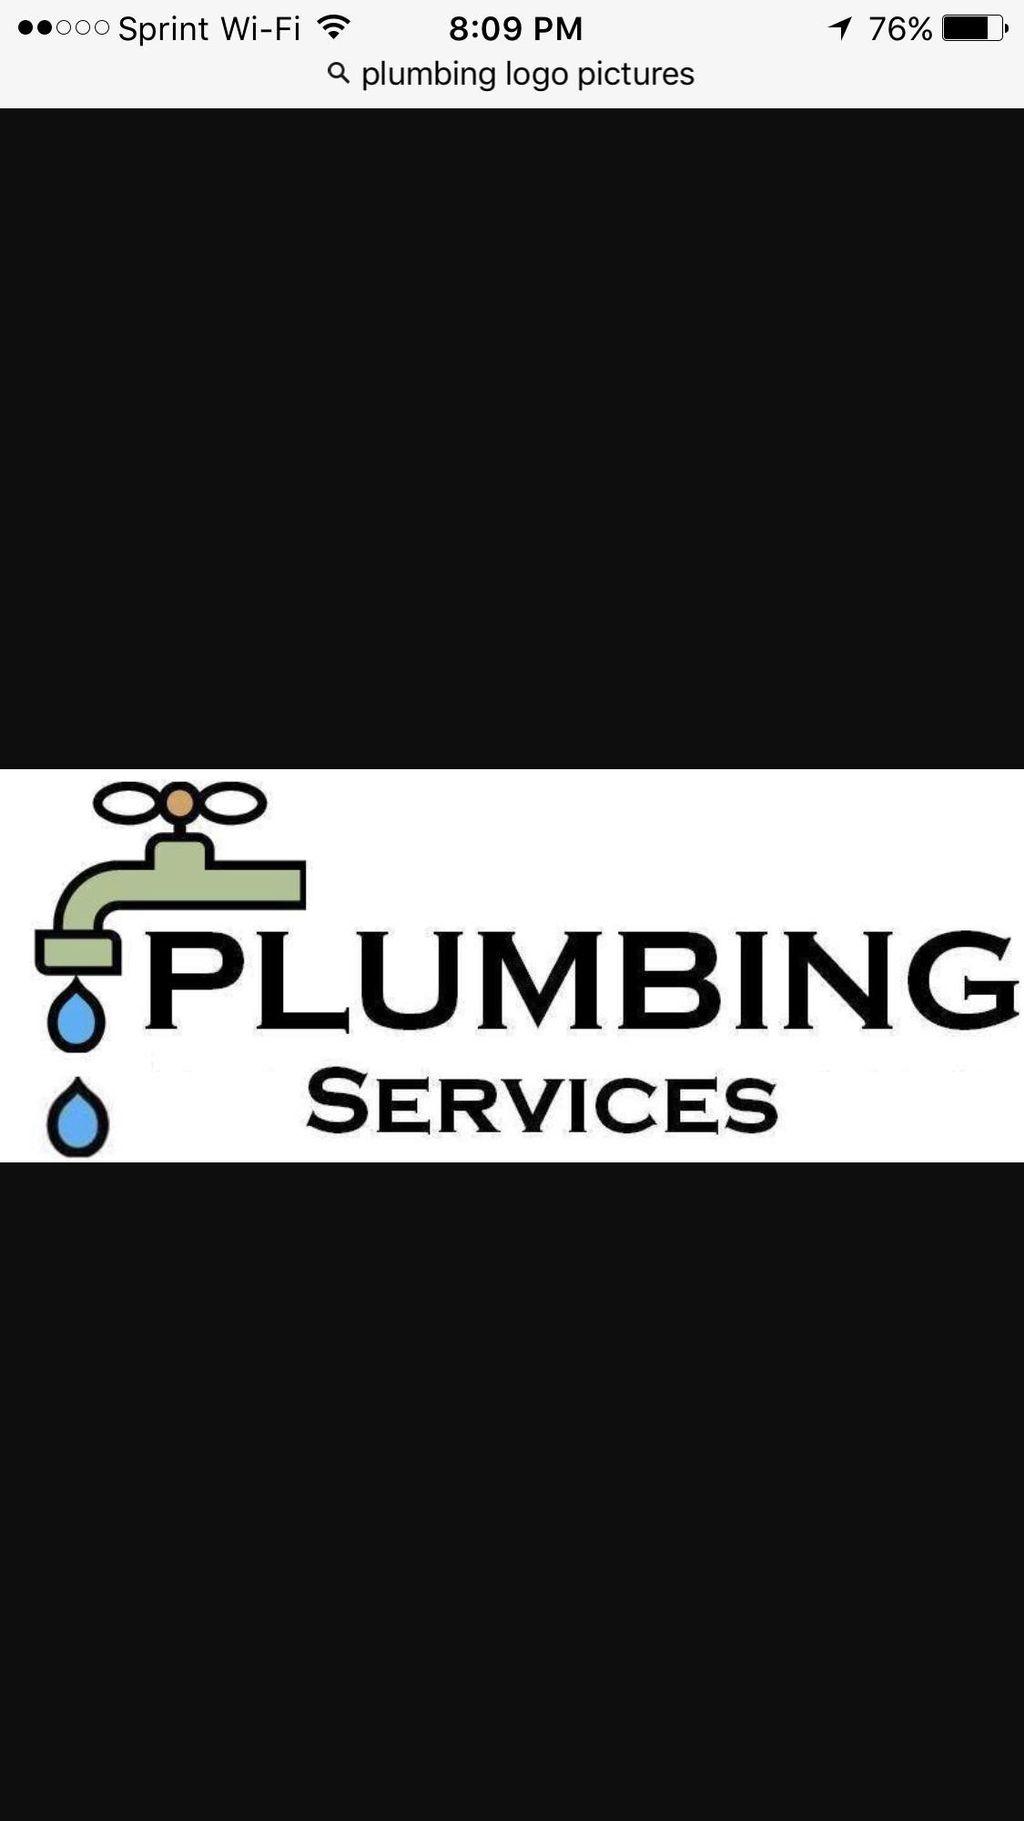 F&F plumbing